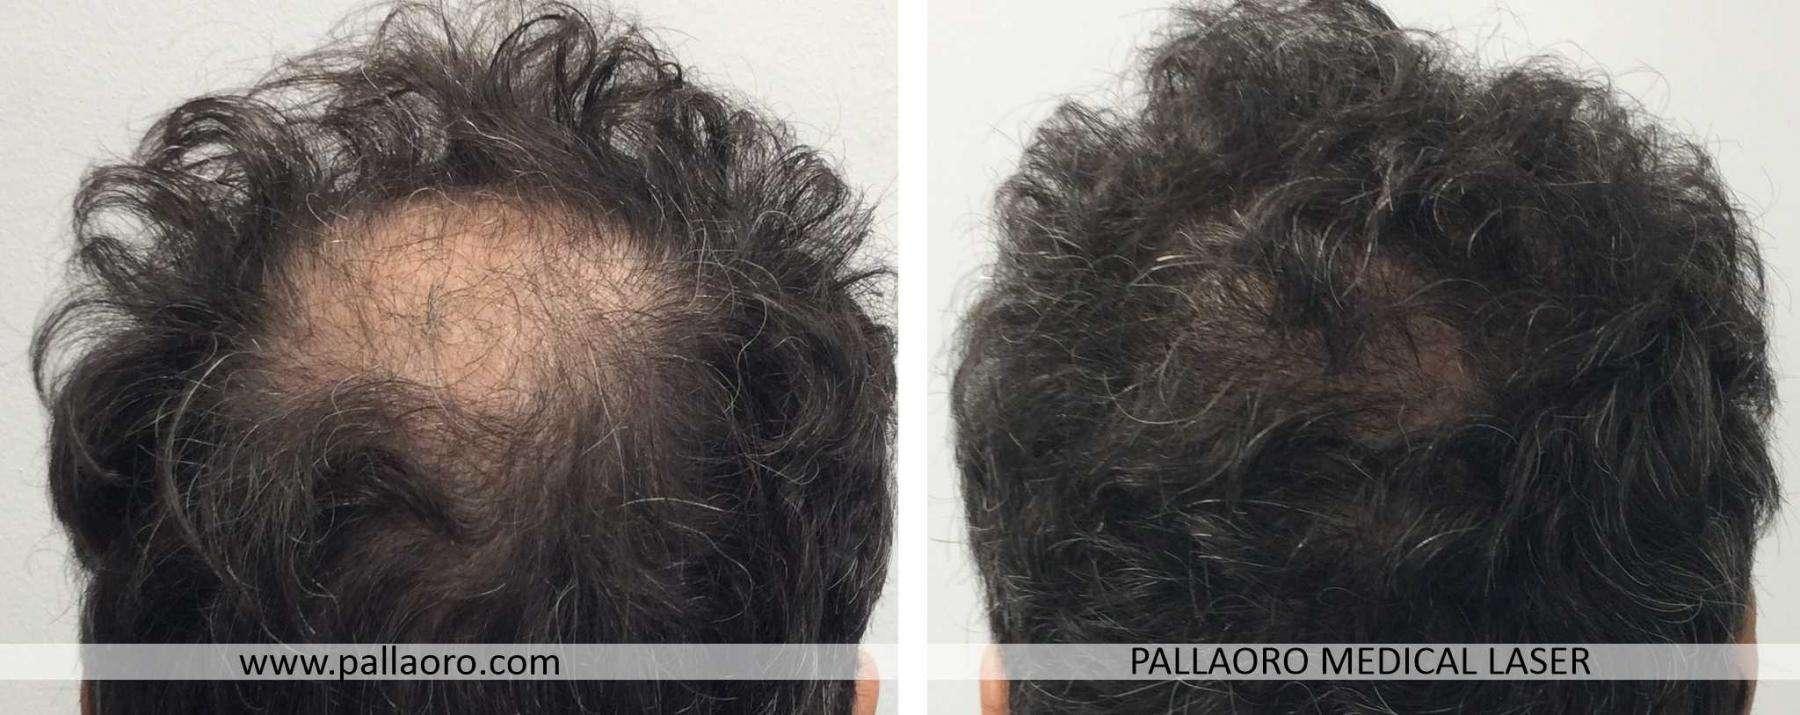 trapianto capelli 2021 07 a